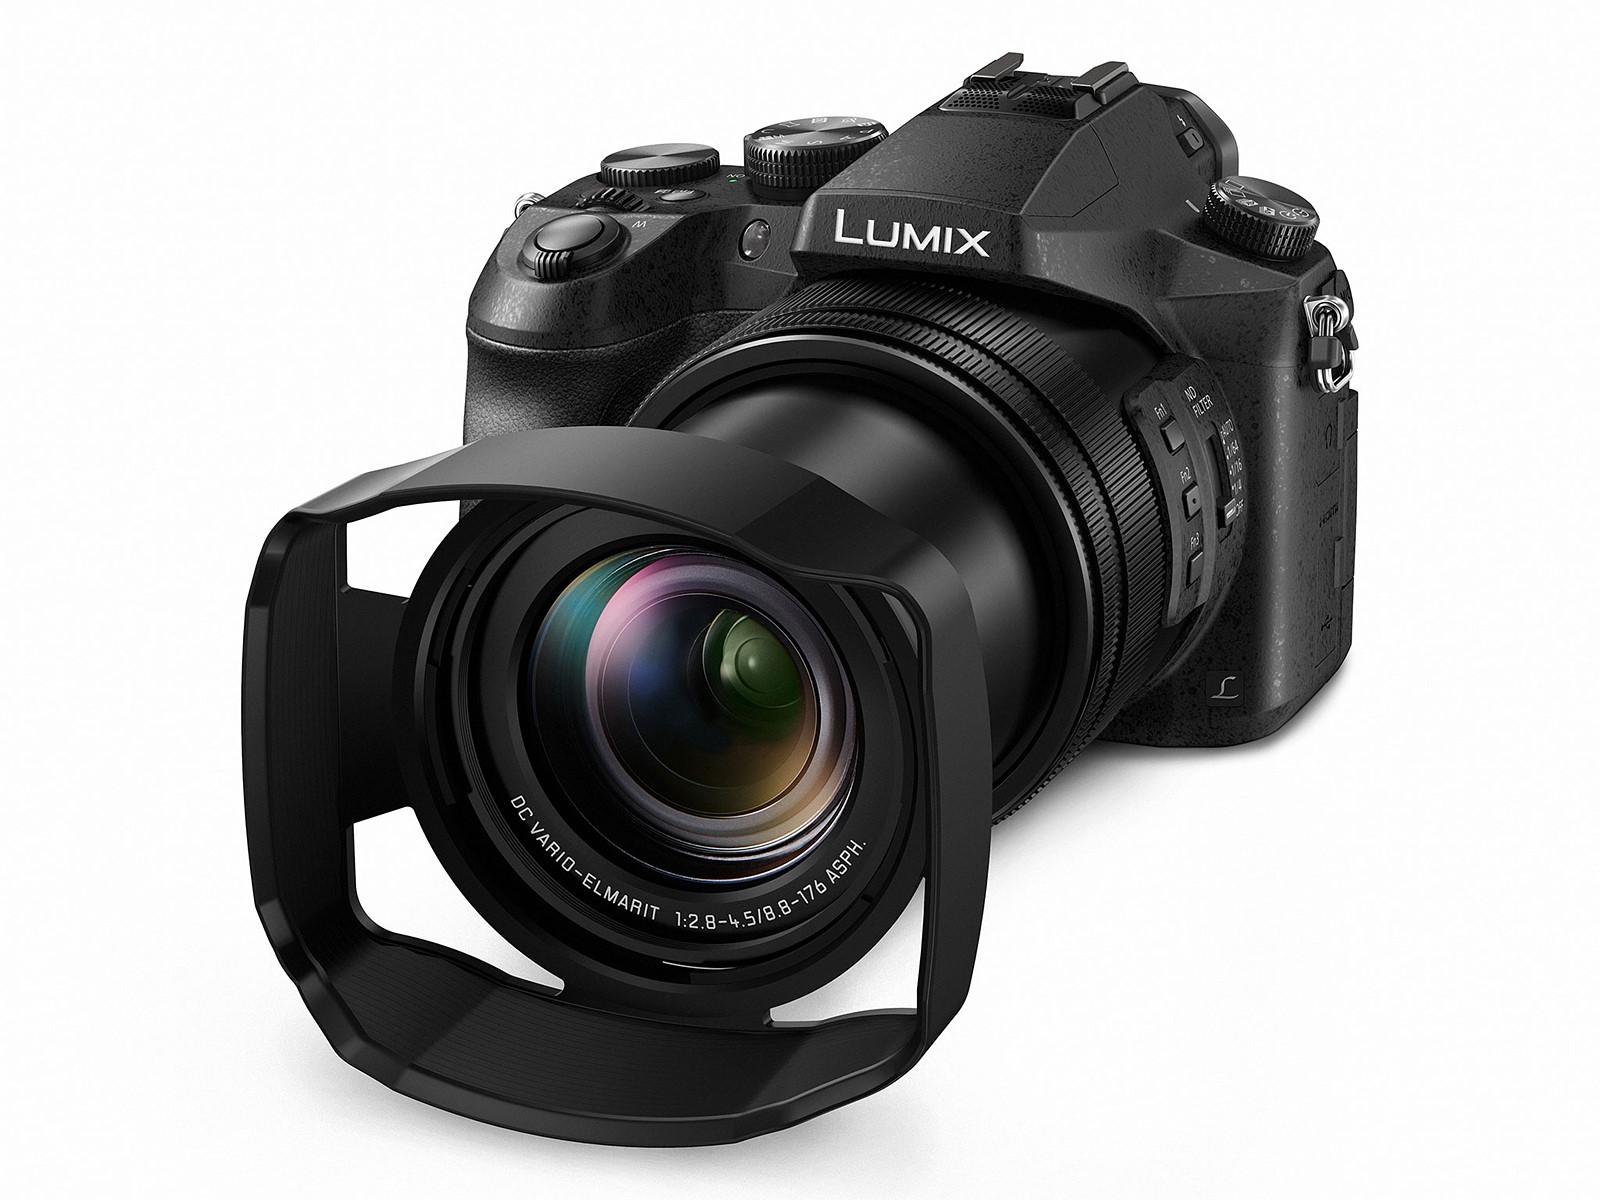 fujifilm 10.2 megapixel digital camera manual